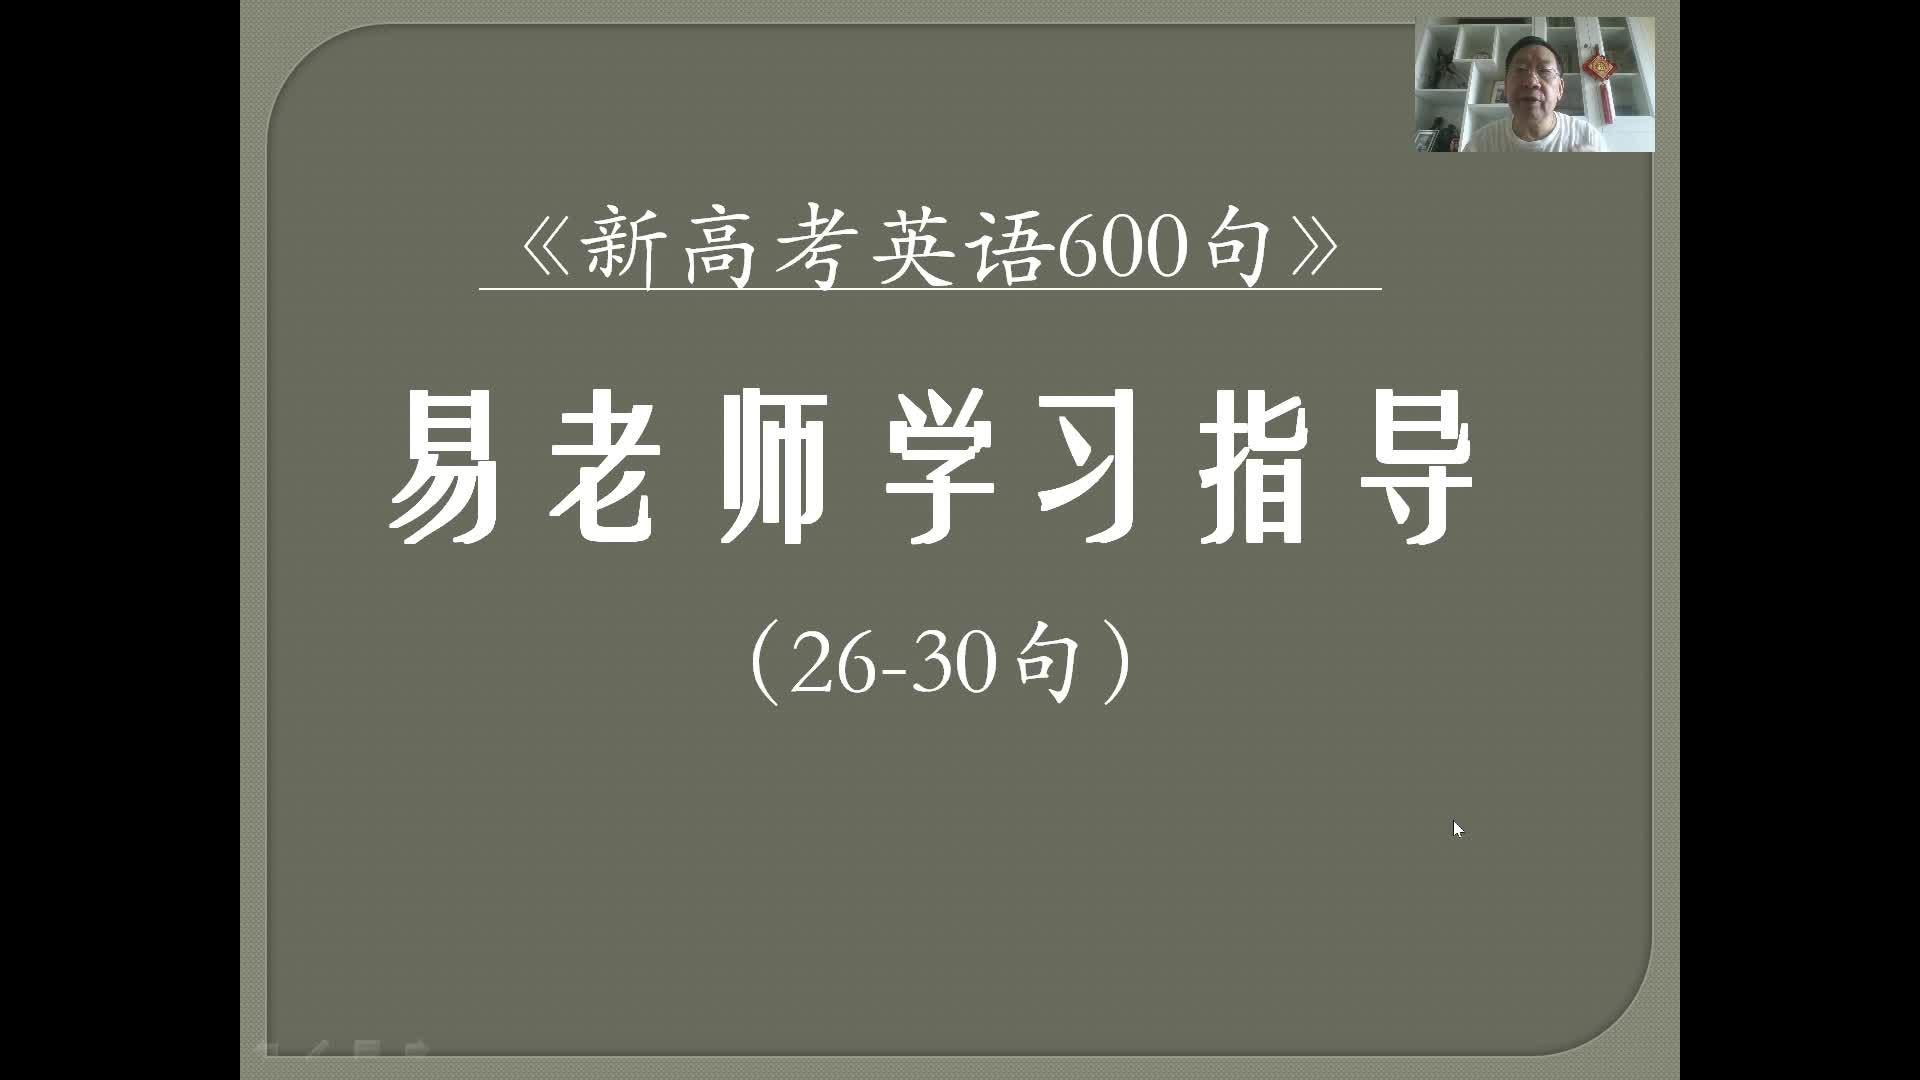 易仁荣英语《 新高考英语600句》第26-30句学习指导 - 易仁荣英语《 新高考英语600句》学习指导视频